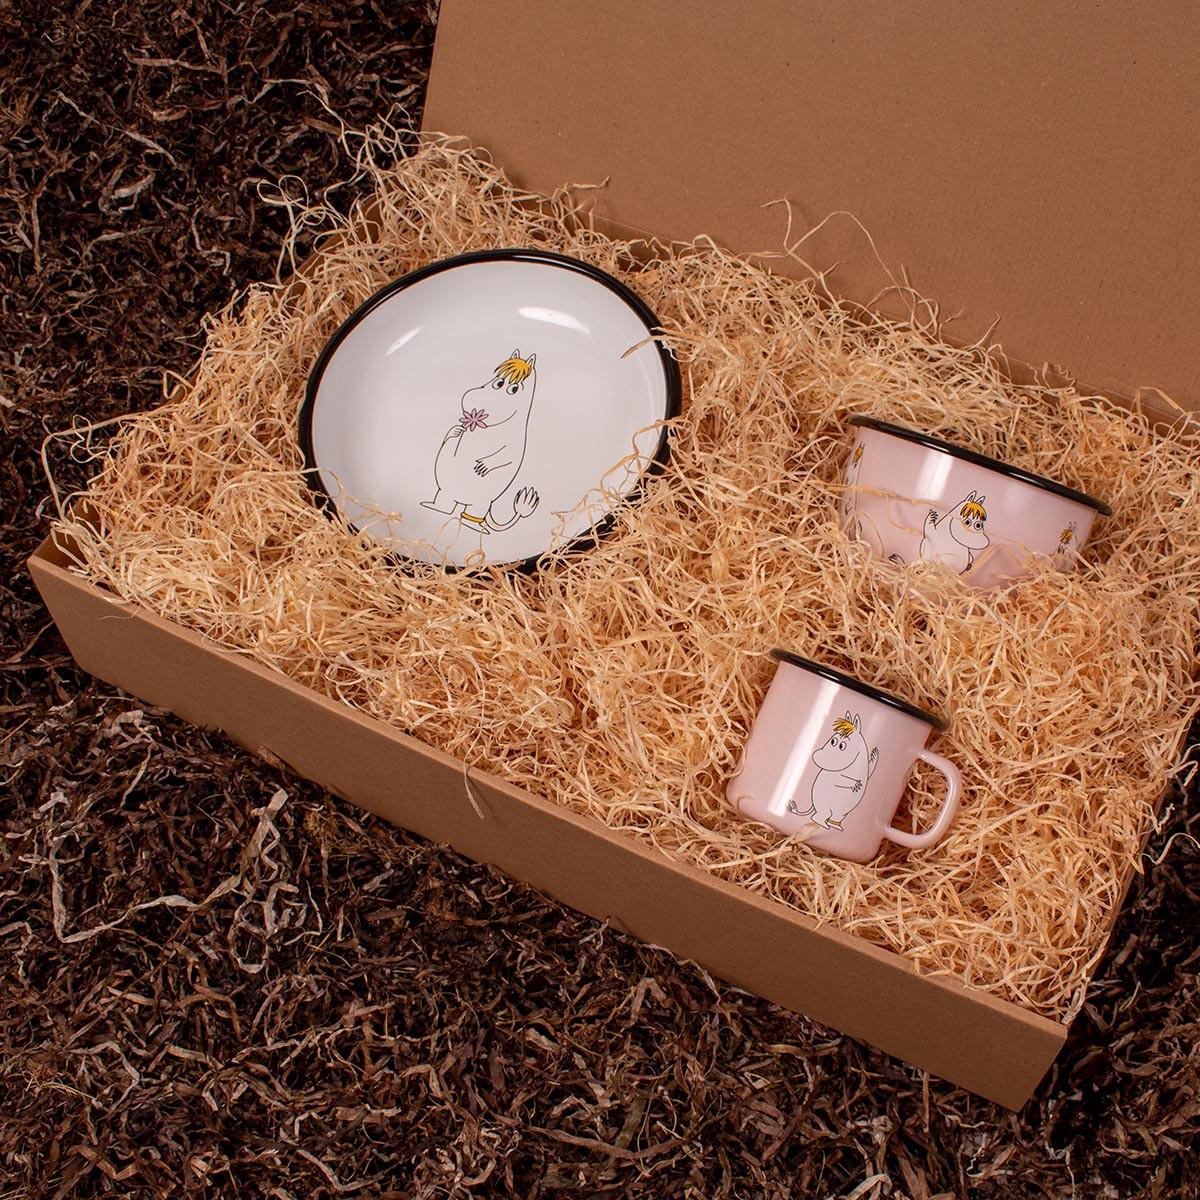 Barsel- og dåbsgave - Gavesæt spisetid   Mumi Retro emalje krus, skål og tallerken (Mumi) - lyserød